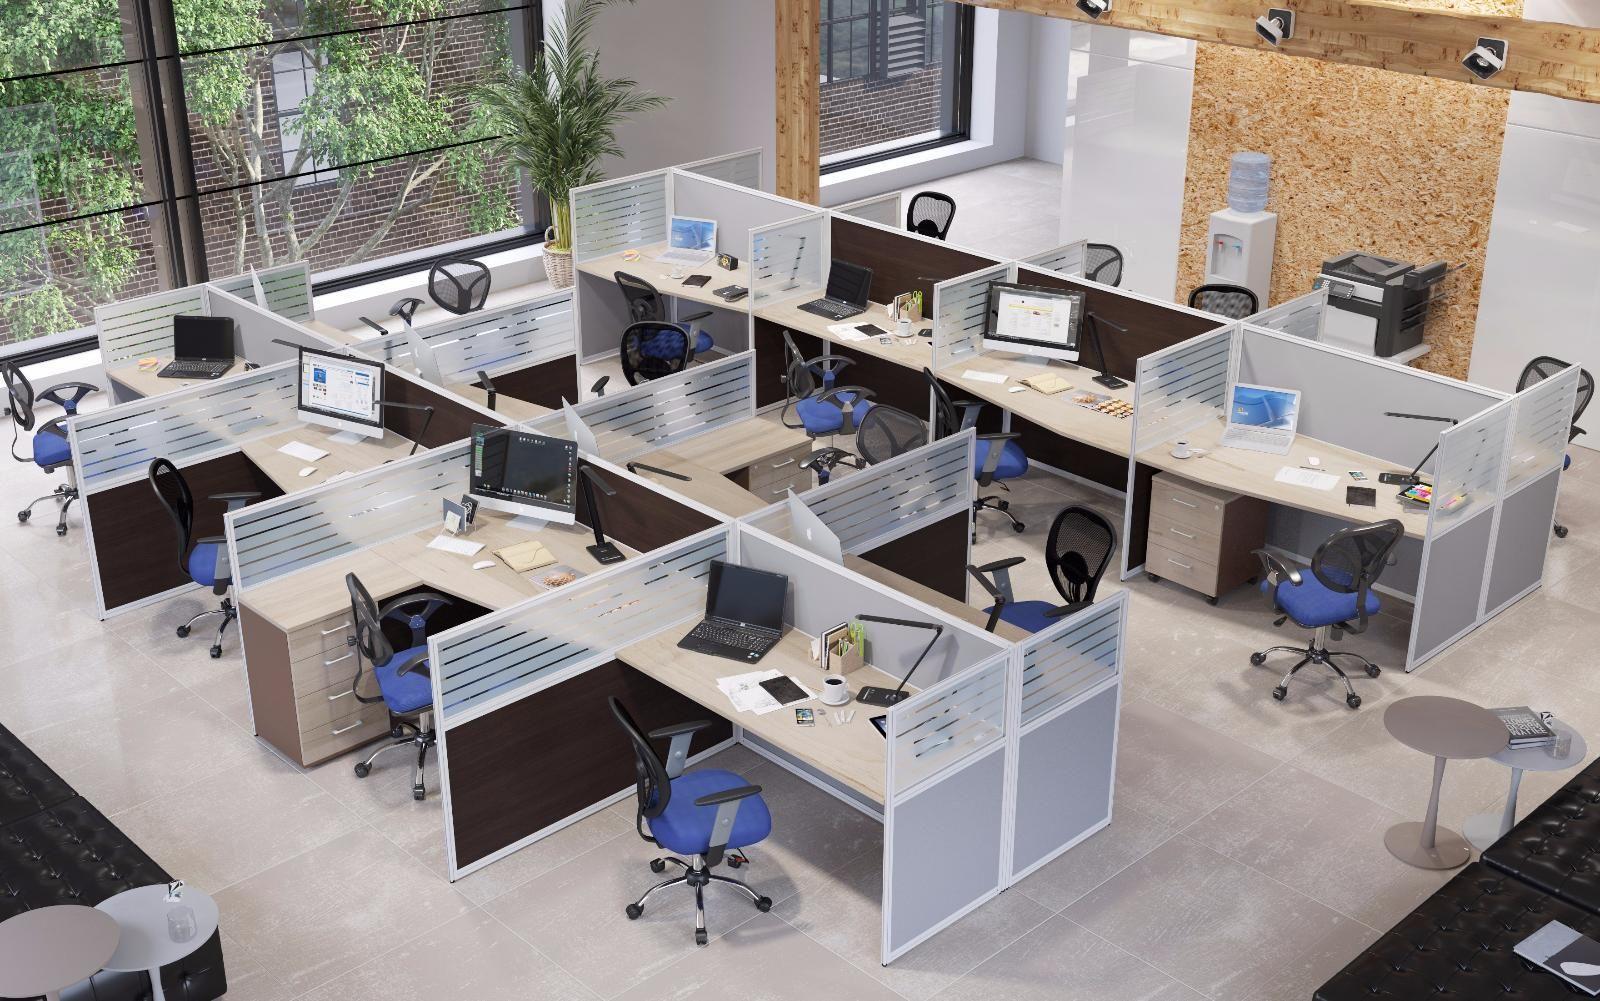 жить офис для ремонта бытовой техники варианты фото желанию